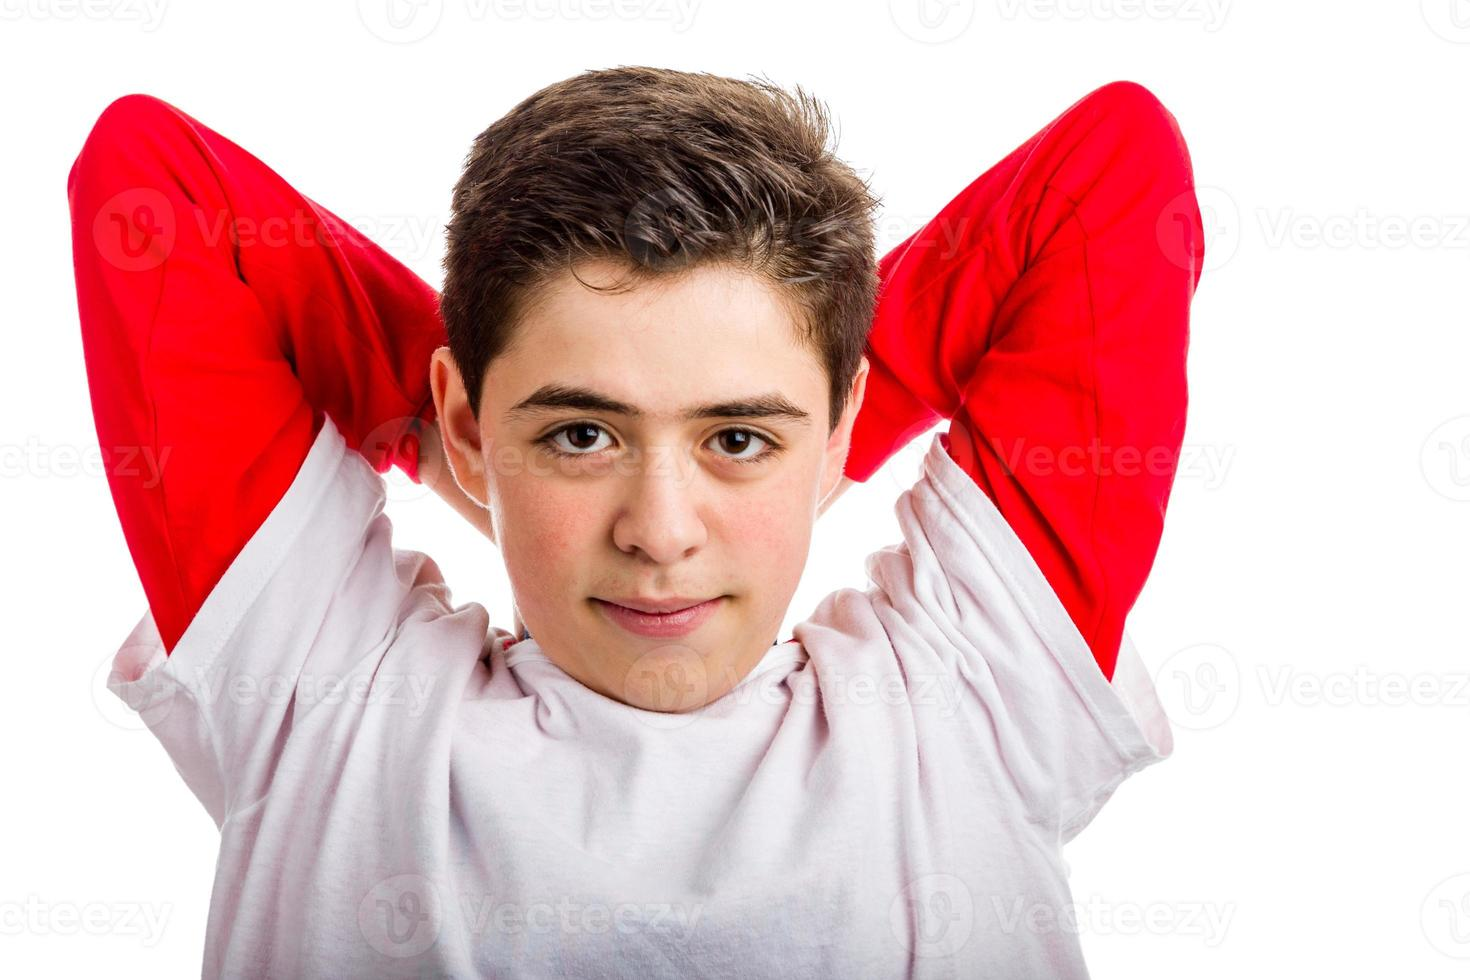 kaukasischer Junge, der die Arme hebt foto